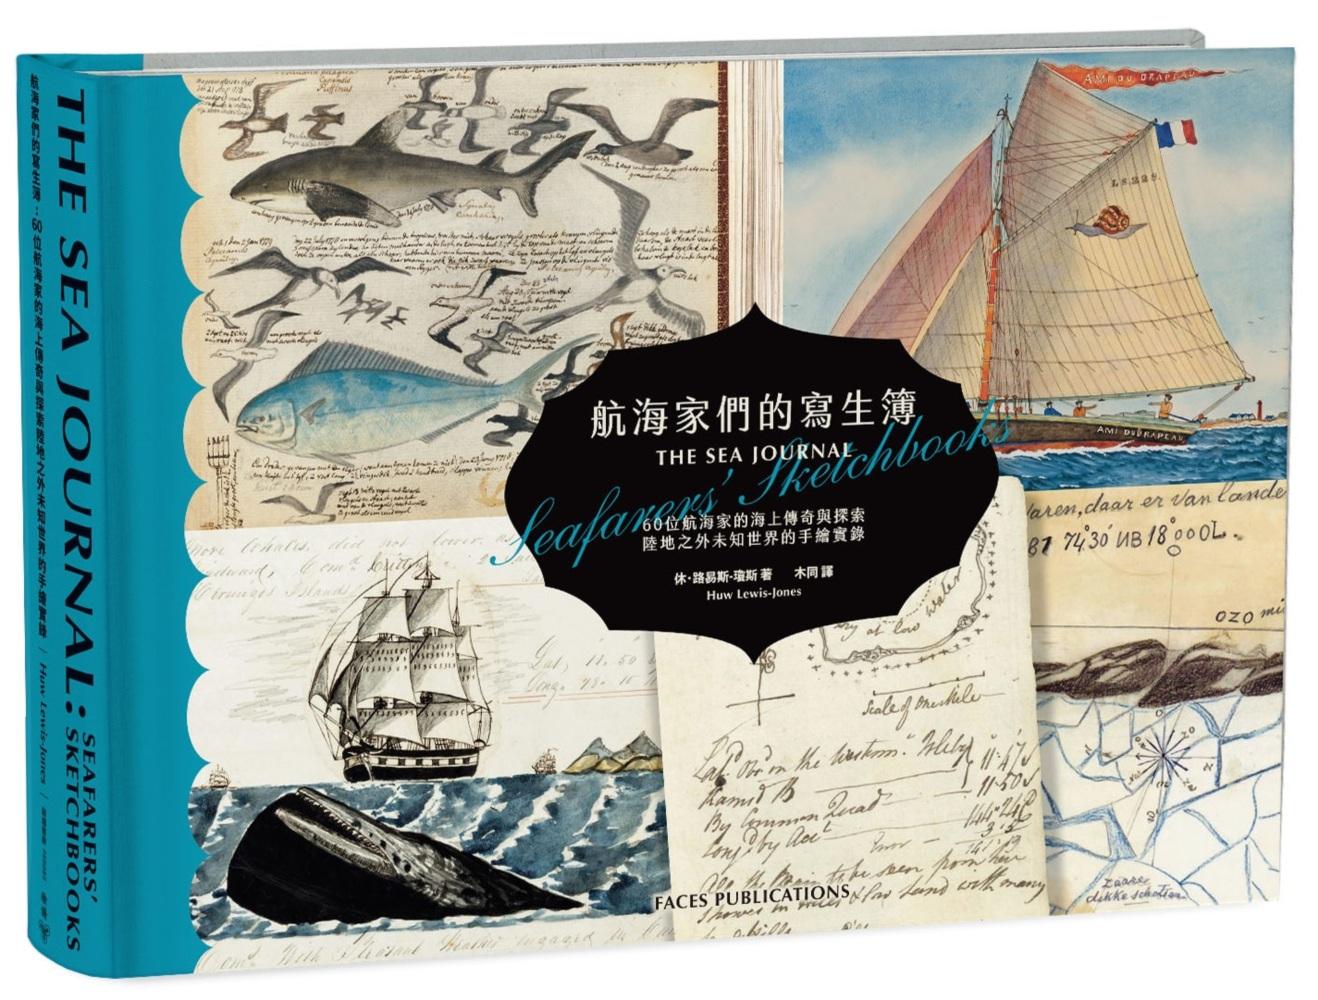 航海家們的寫生簿:60位航海家的海上傳奇與探索陸地之外未知世界的手繪實錄